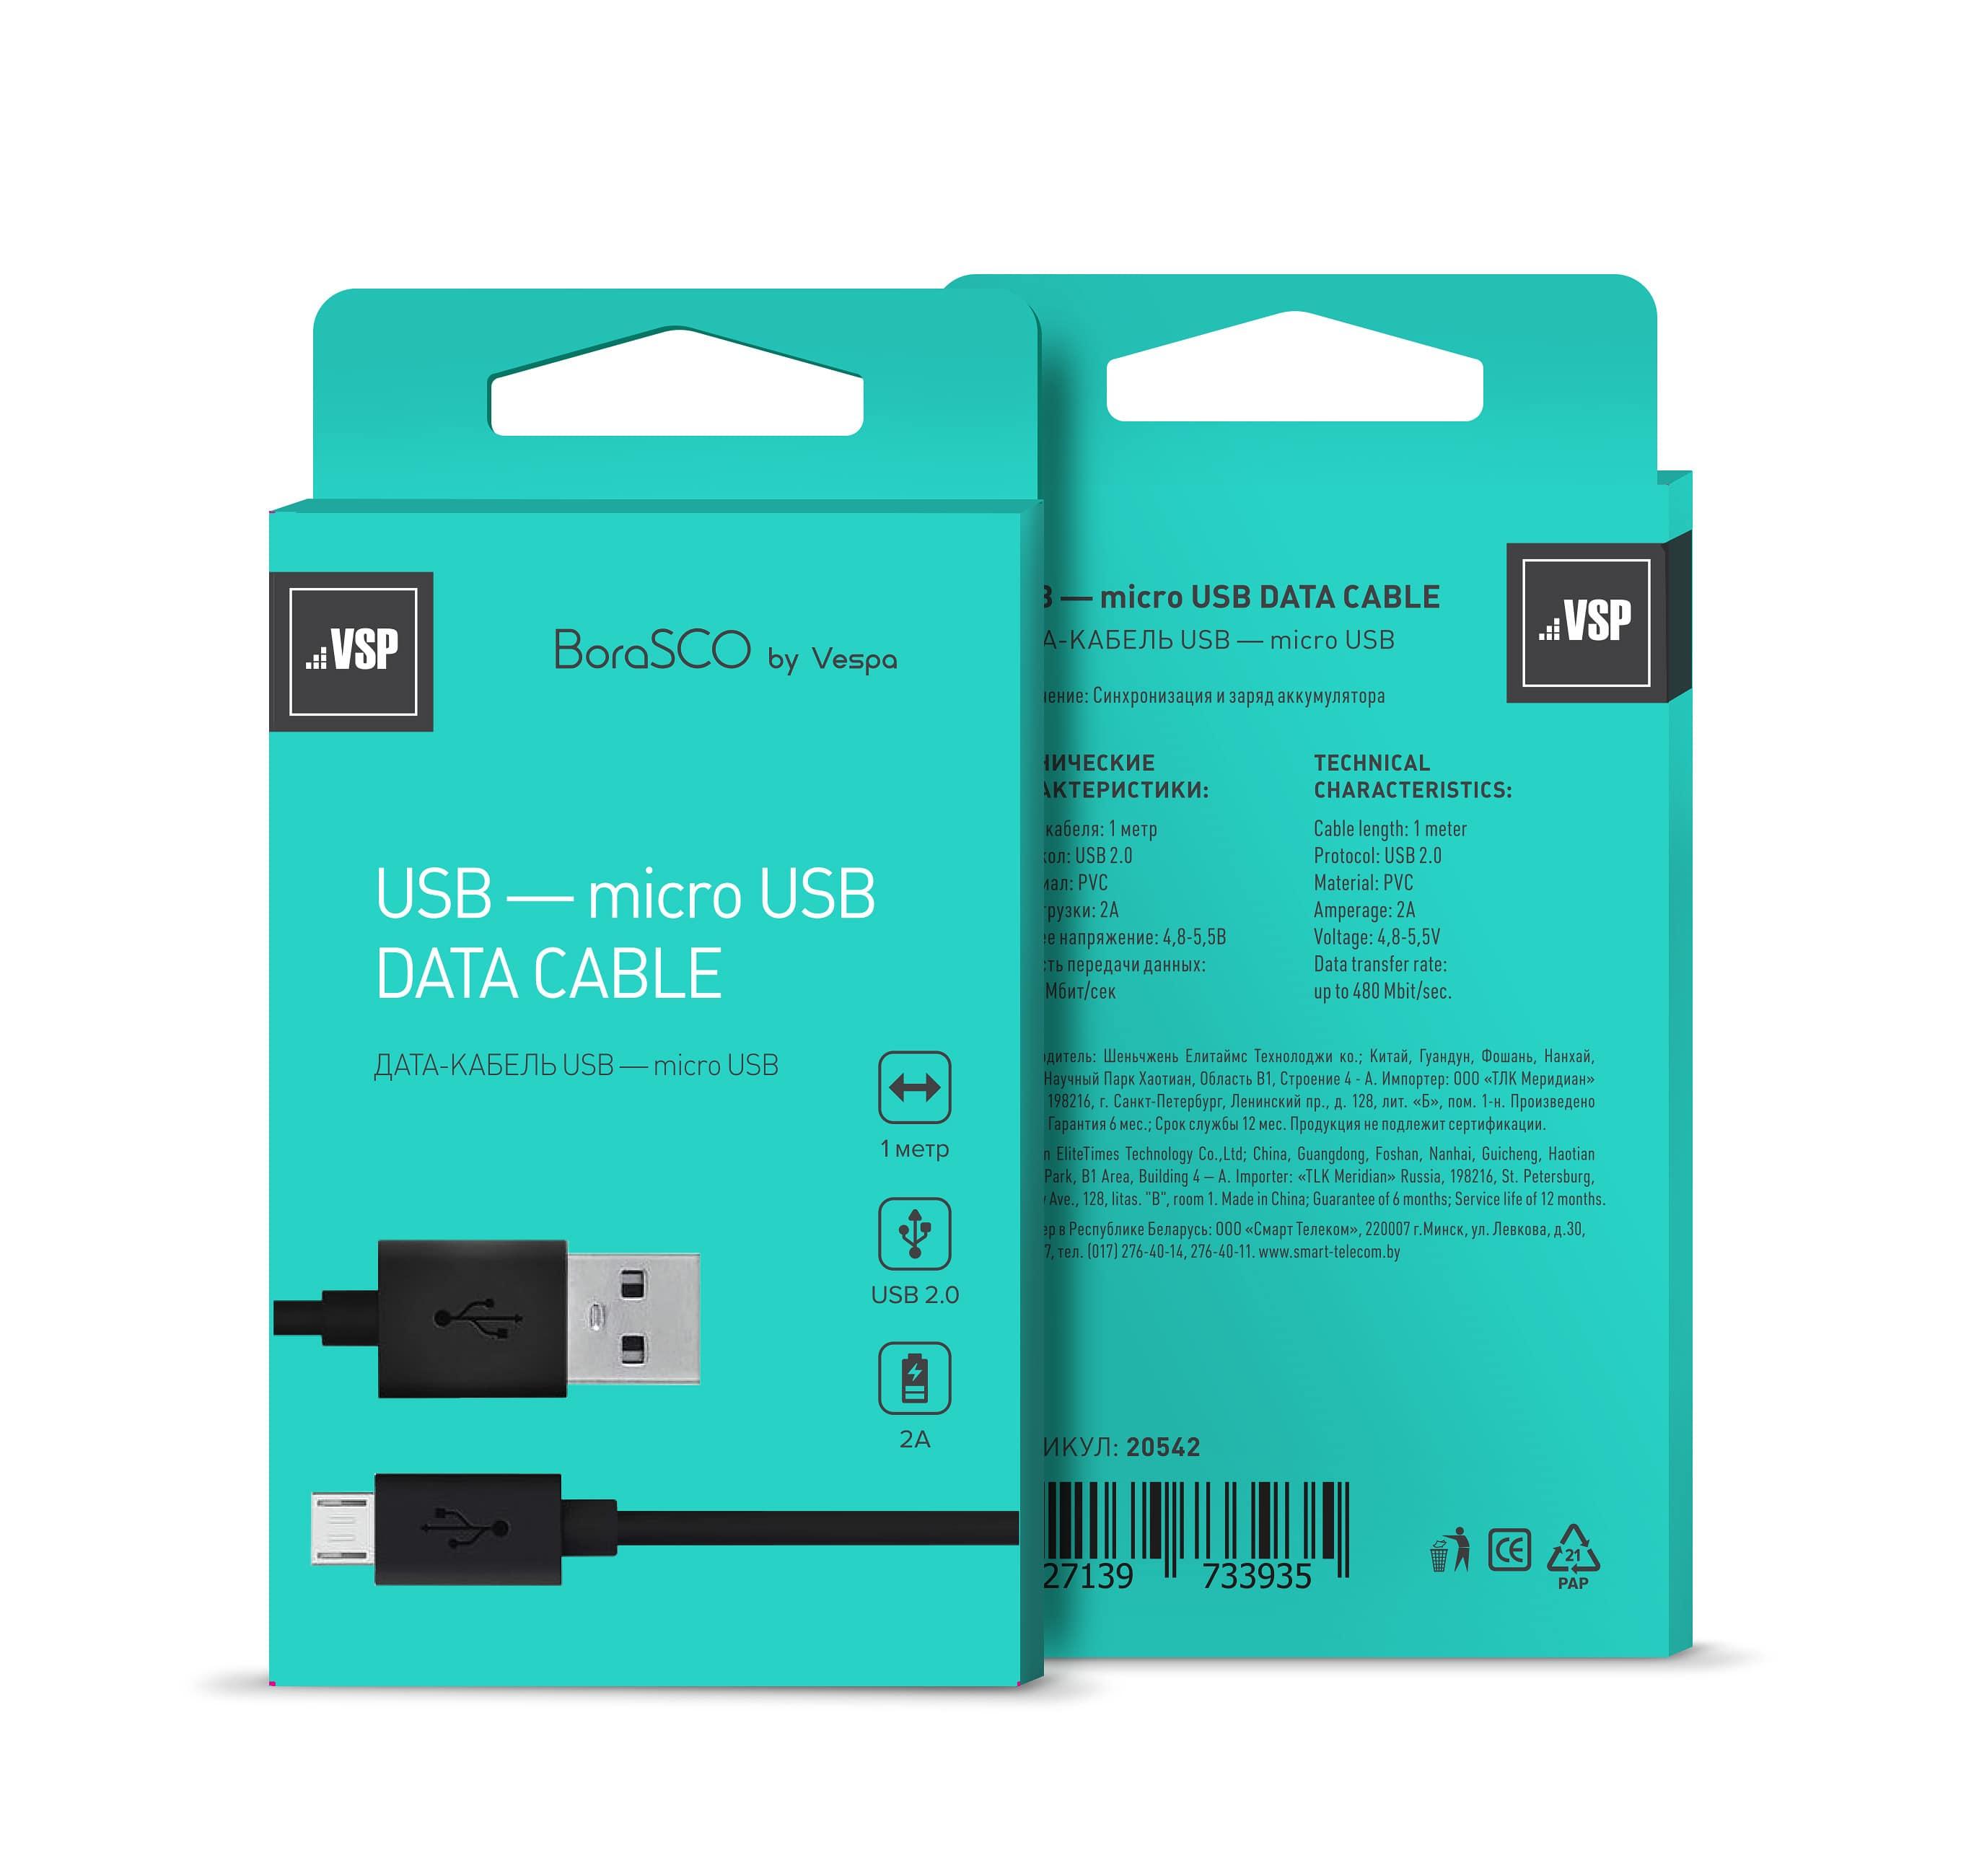 Дата-кабель USB - micro USB, 2А, 1м, черный, BoraSCO (VSP) фото